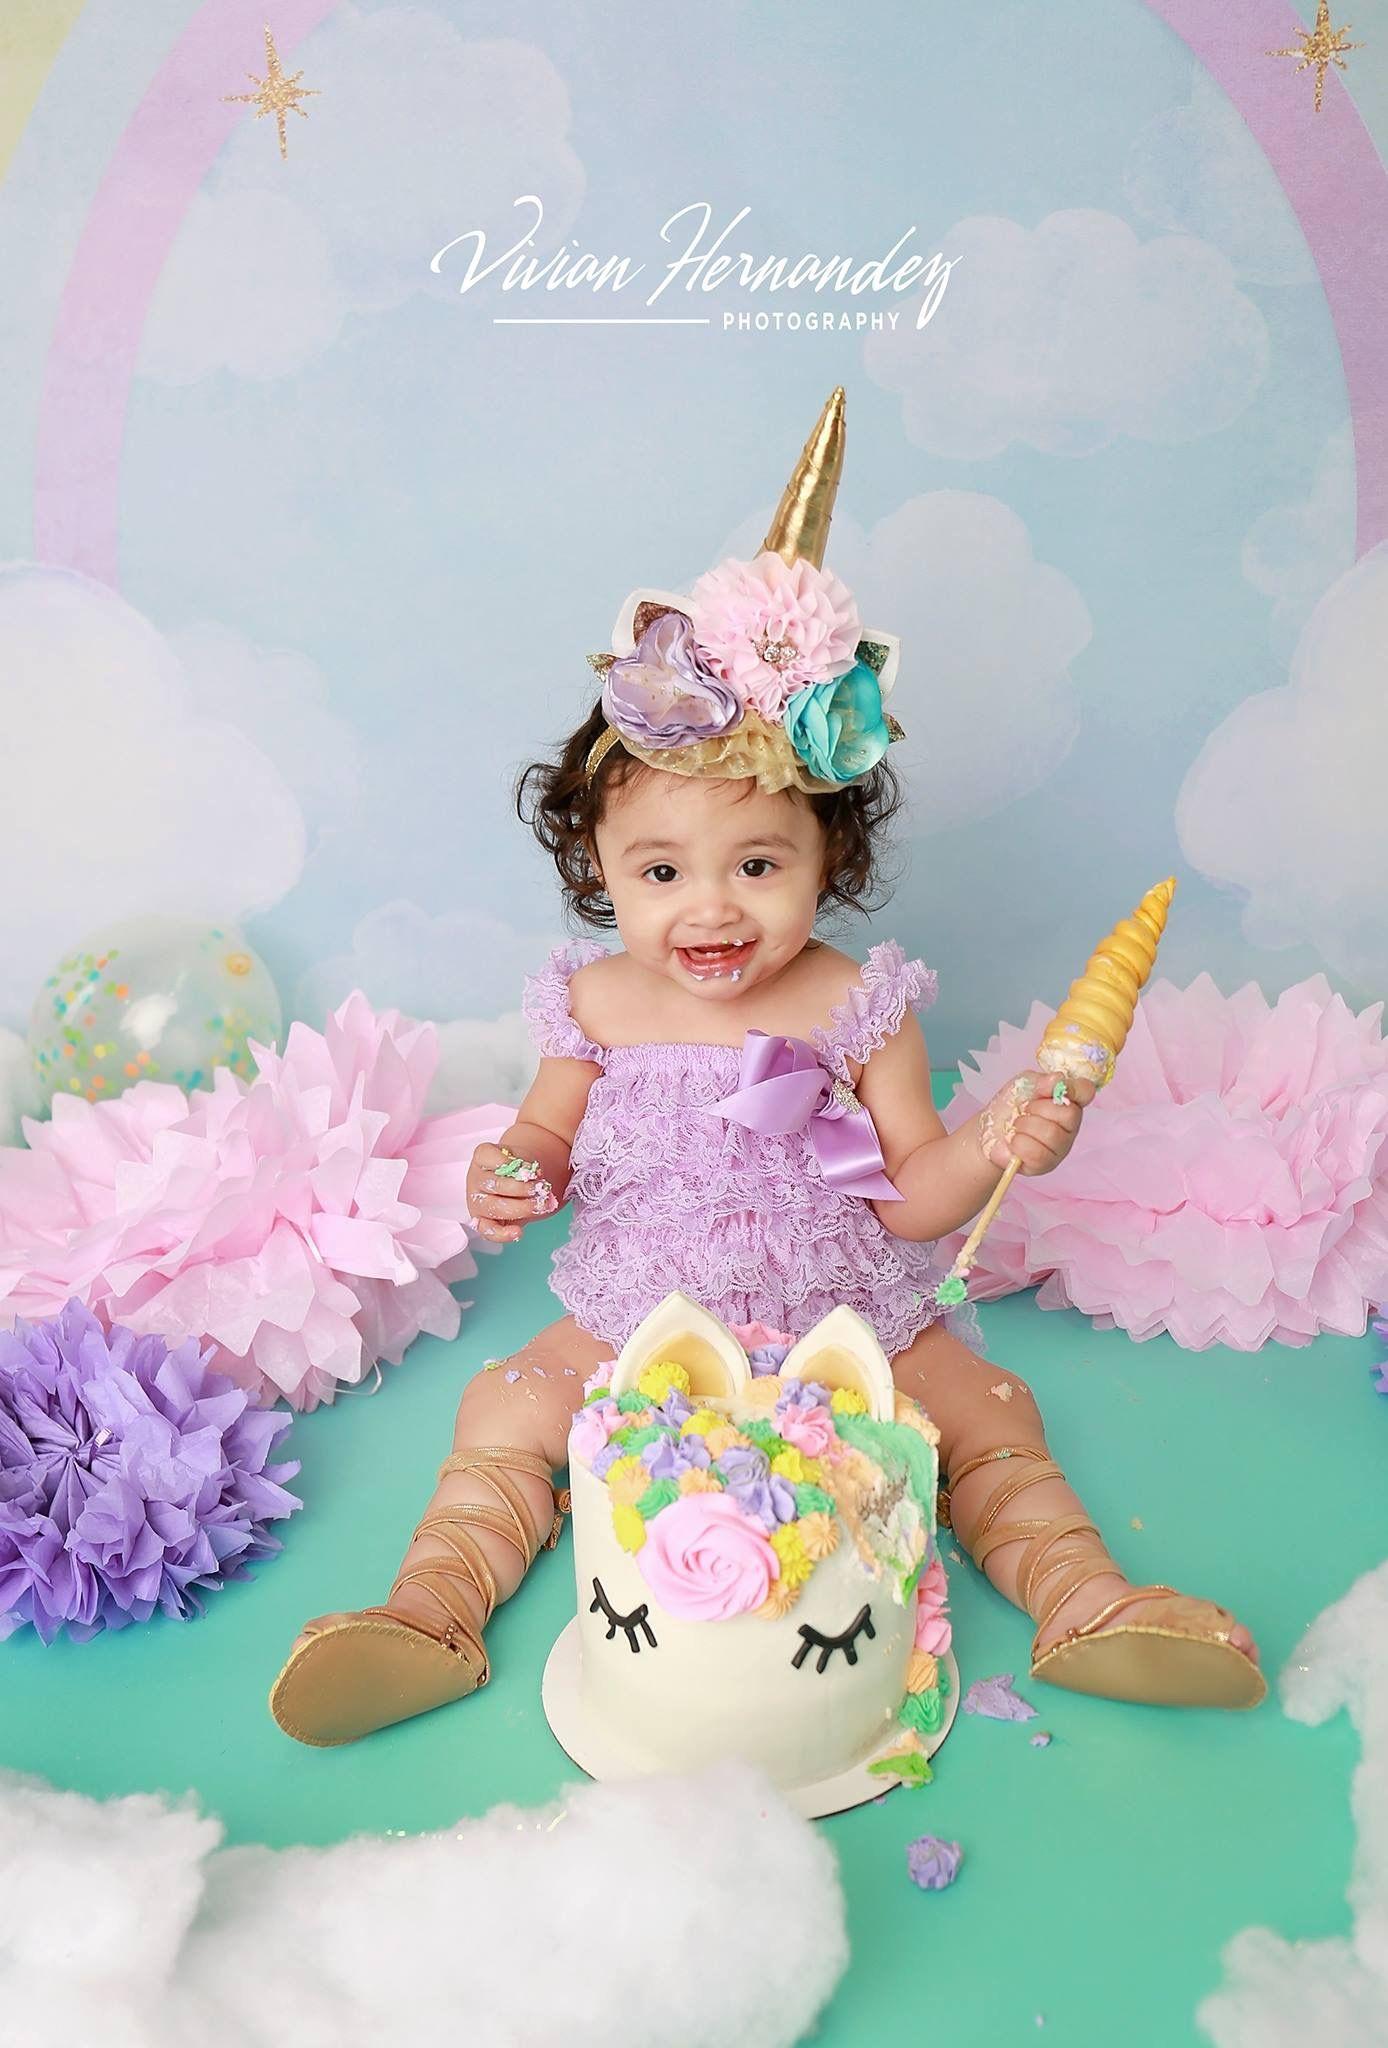 Olivia S Unicorn Themed Cake Smash Session